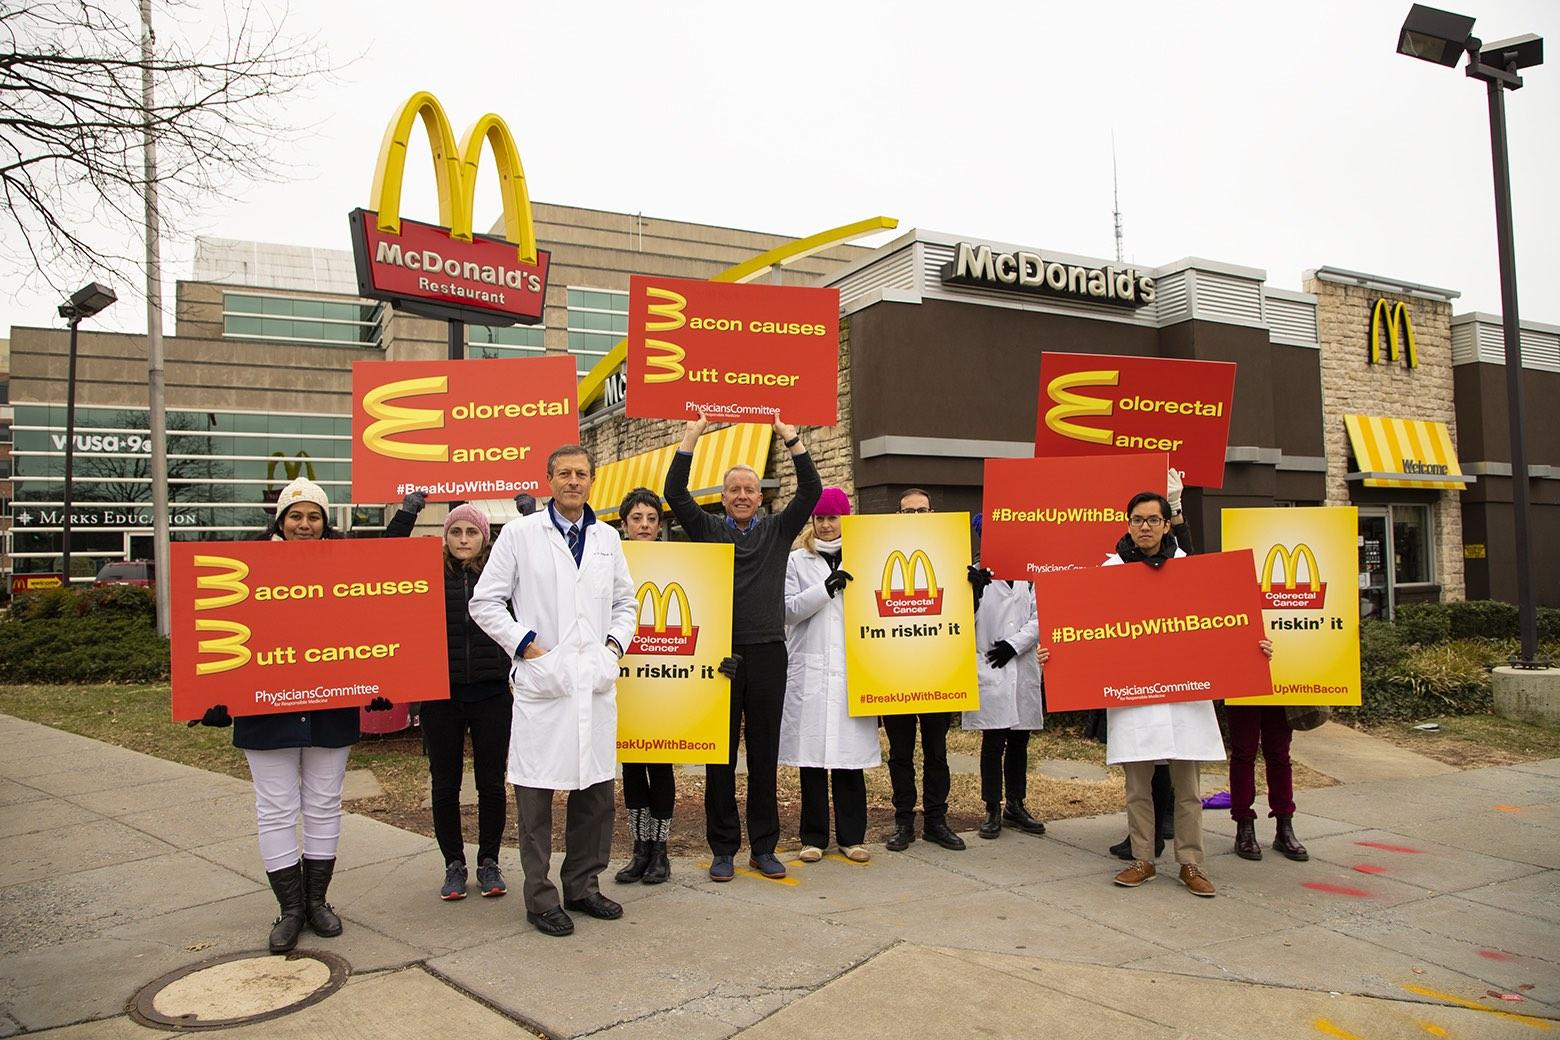 BreakUpWithBacon_McDonalds_Demonstration-MED.jpg